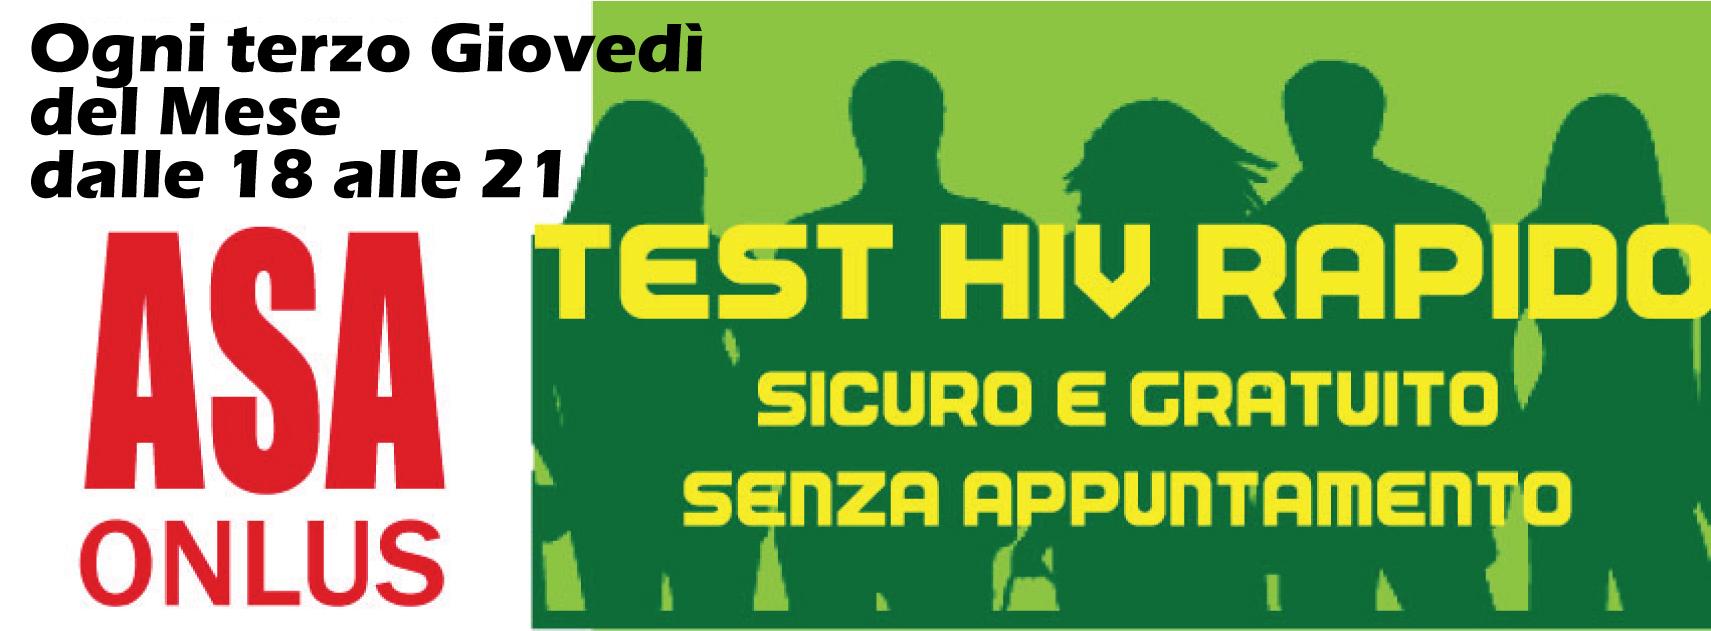 TEST HIV RAPIDO IN SEDE . sospensione momentanea